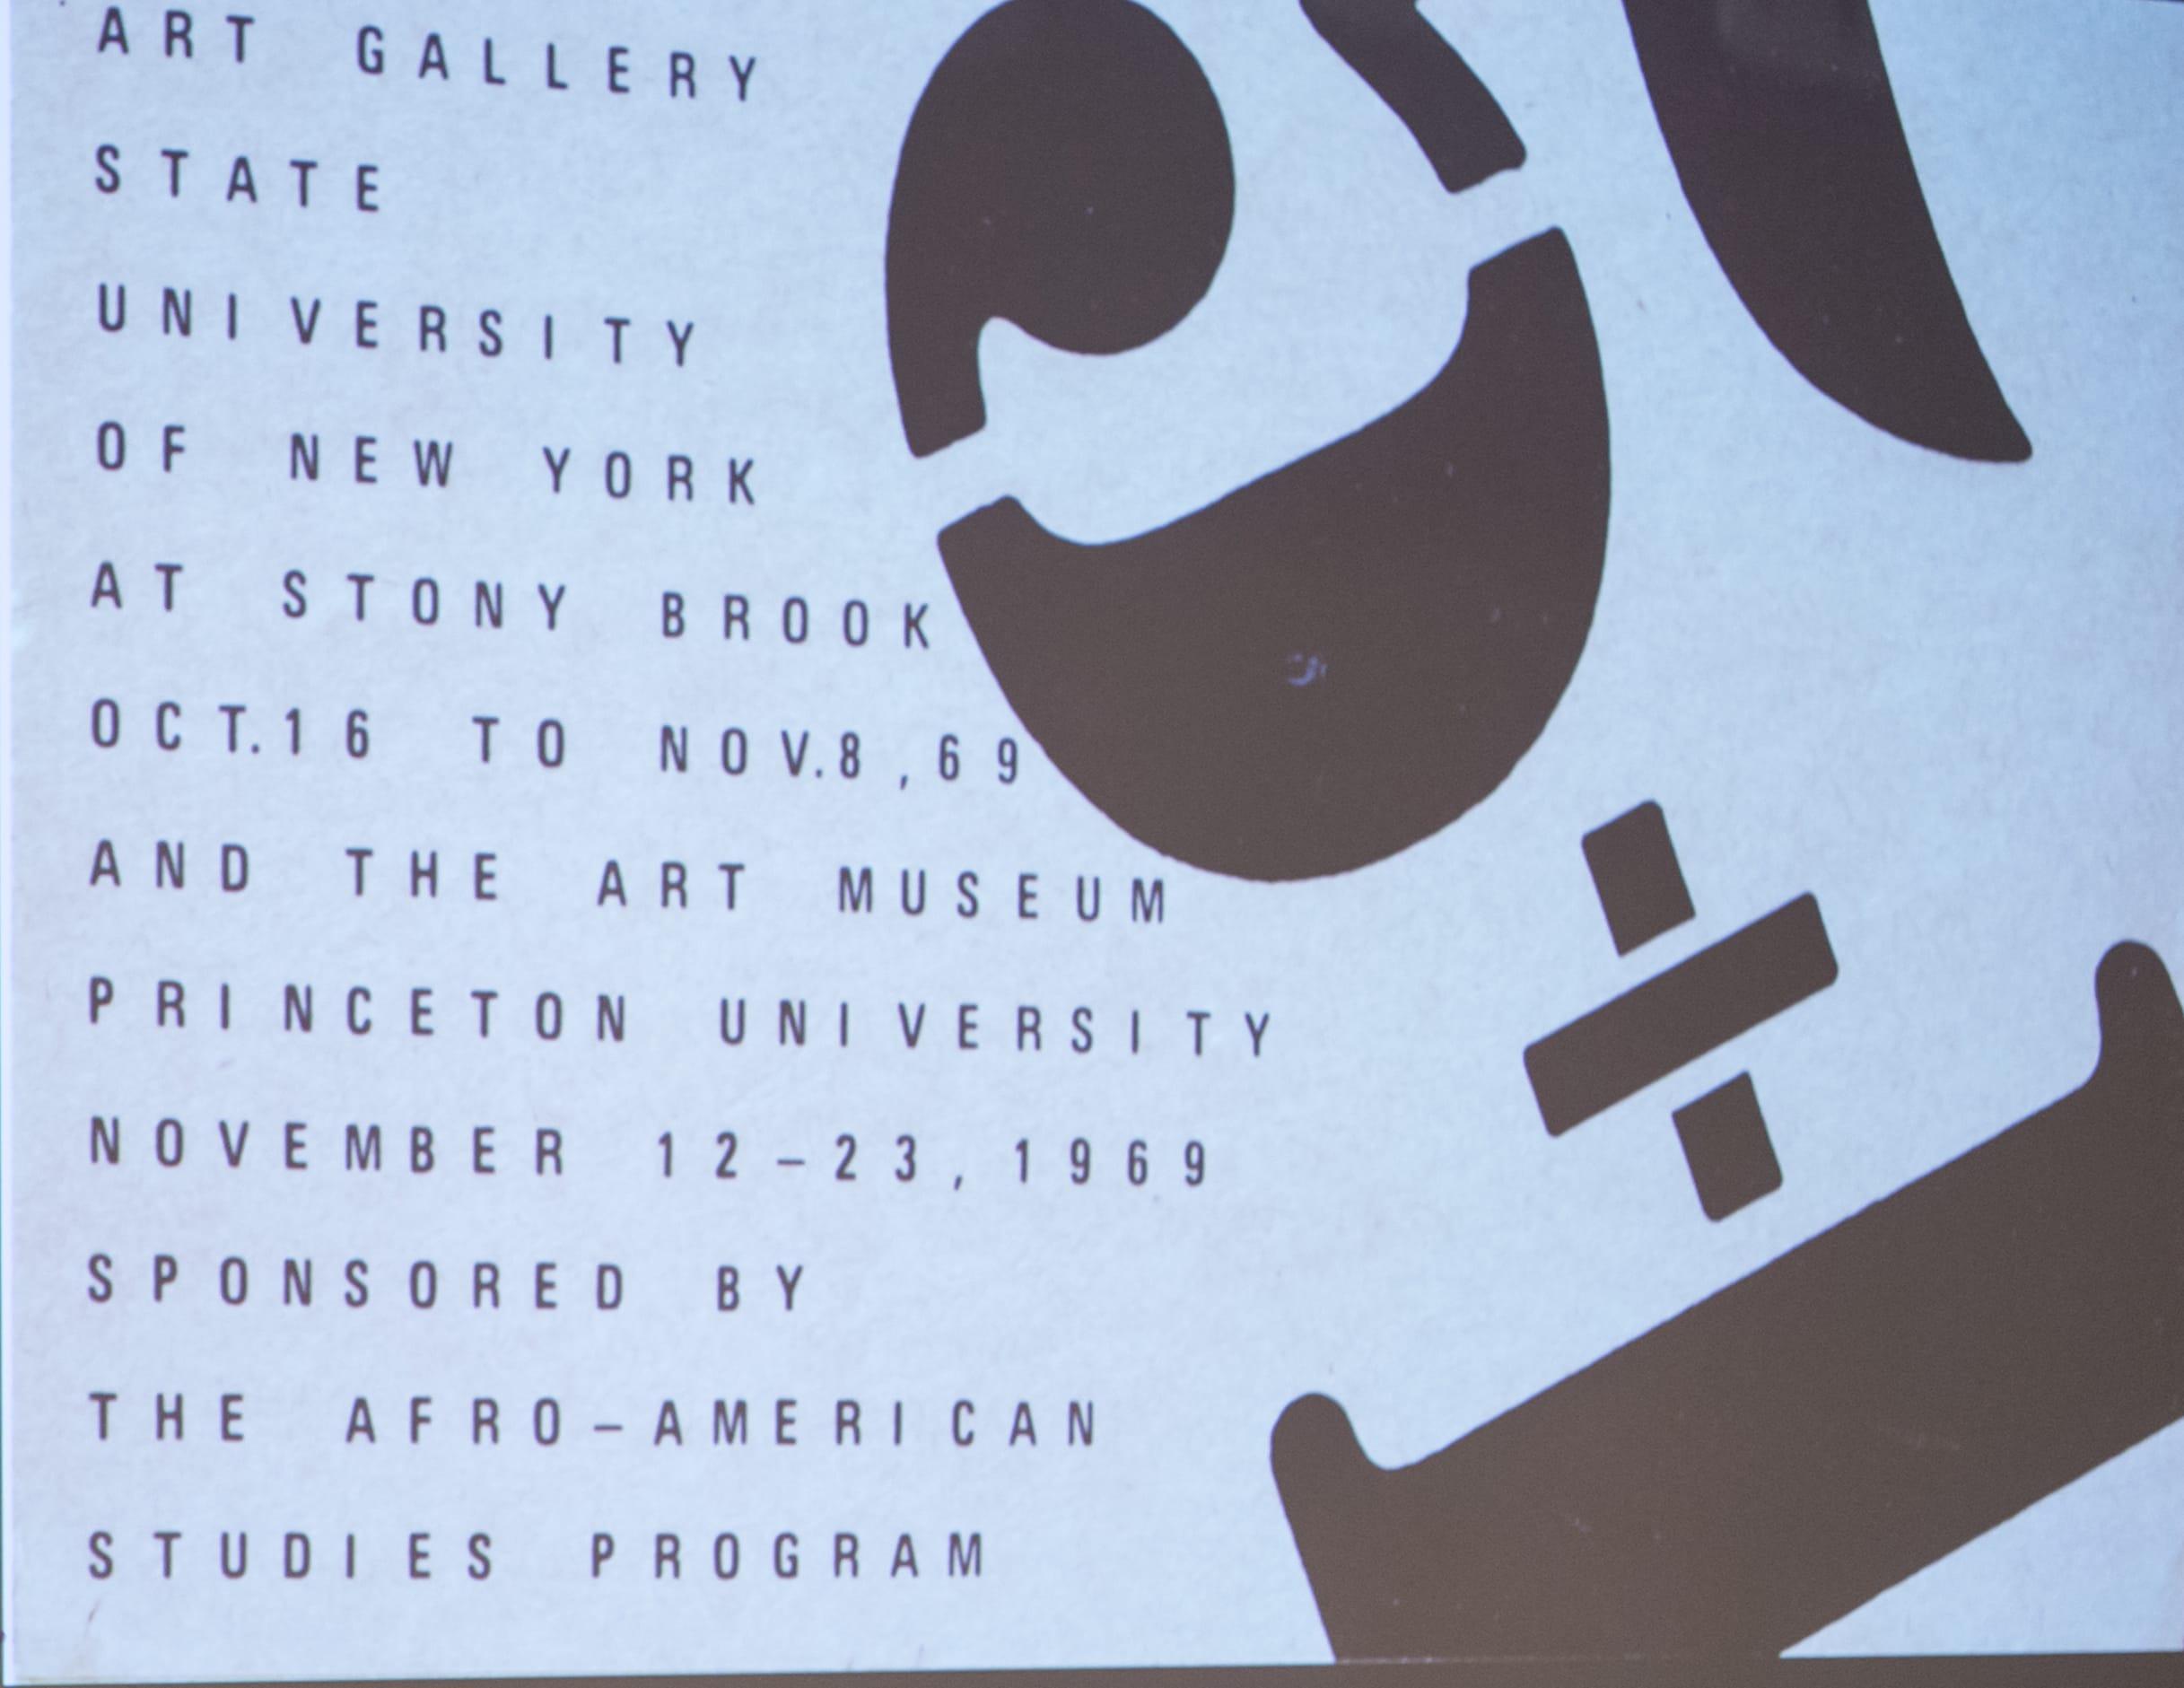 5-Plus-1 Symposium Image